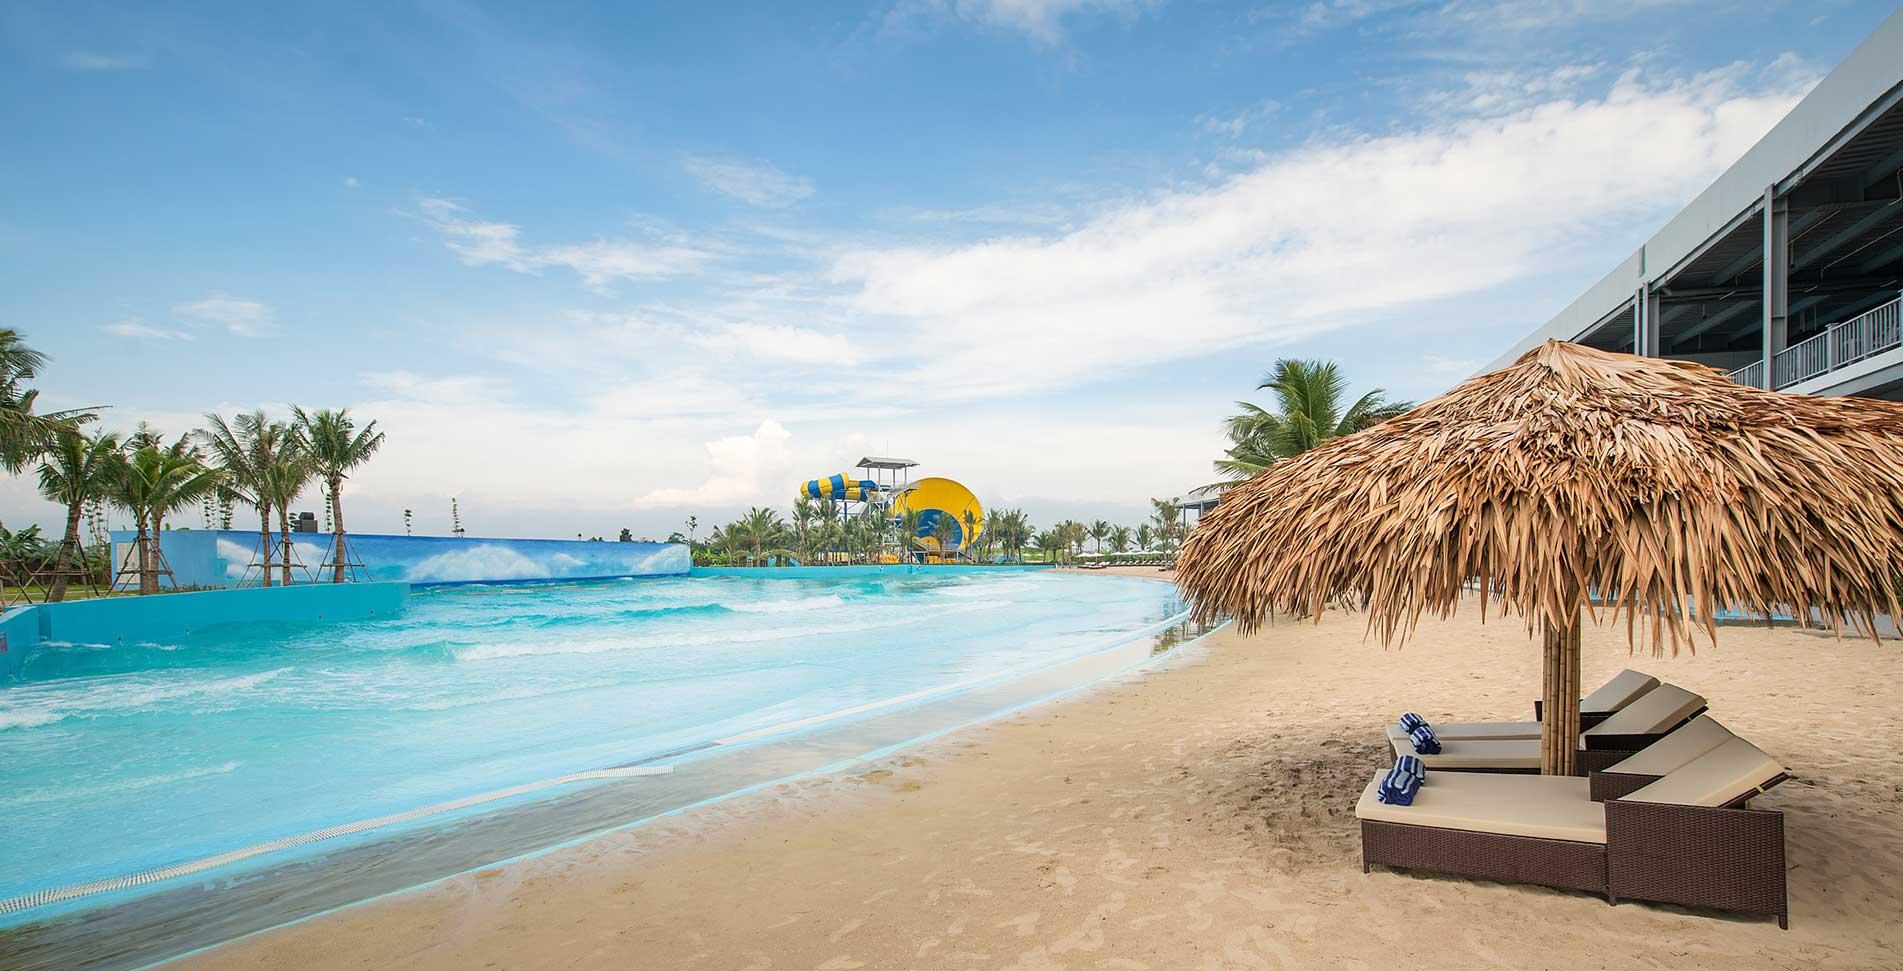 Bãi biển nhân tạo sẽ là điểm đến lý tưởng cho những gia đình bận rộn không thể đi chơi xa